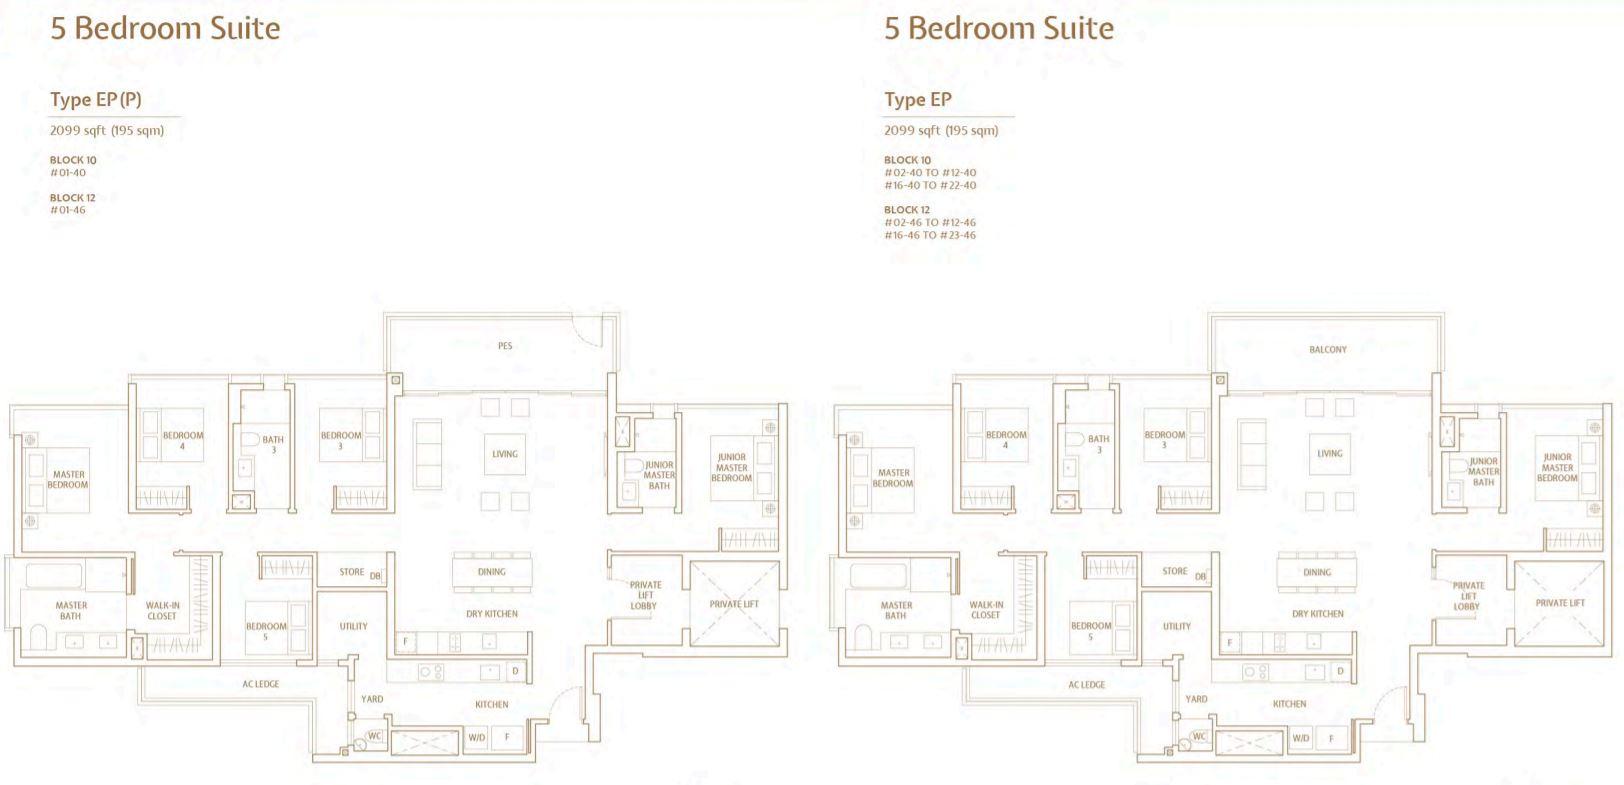 FloorPlan 5 Bedroom-Suite